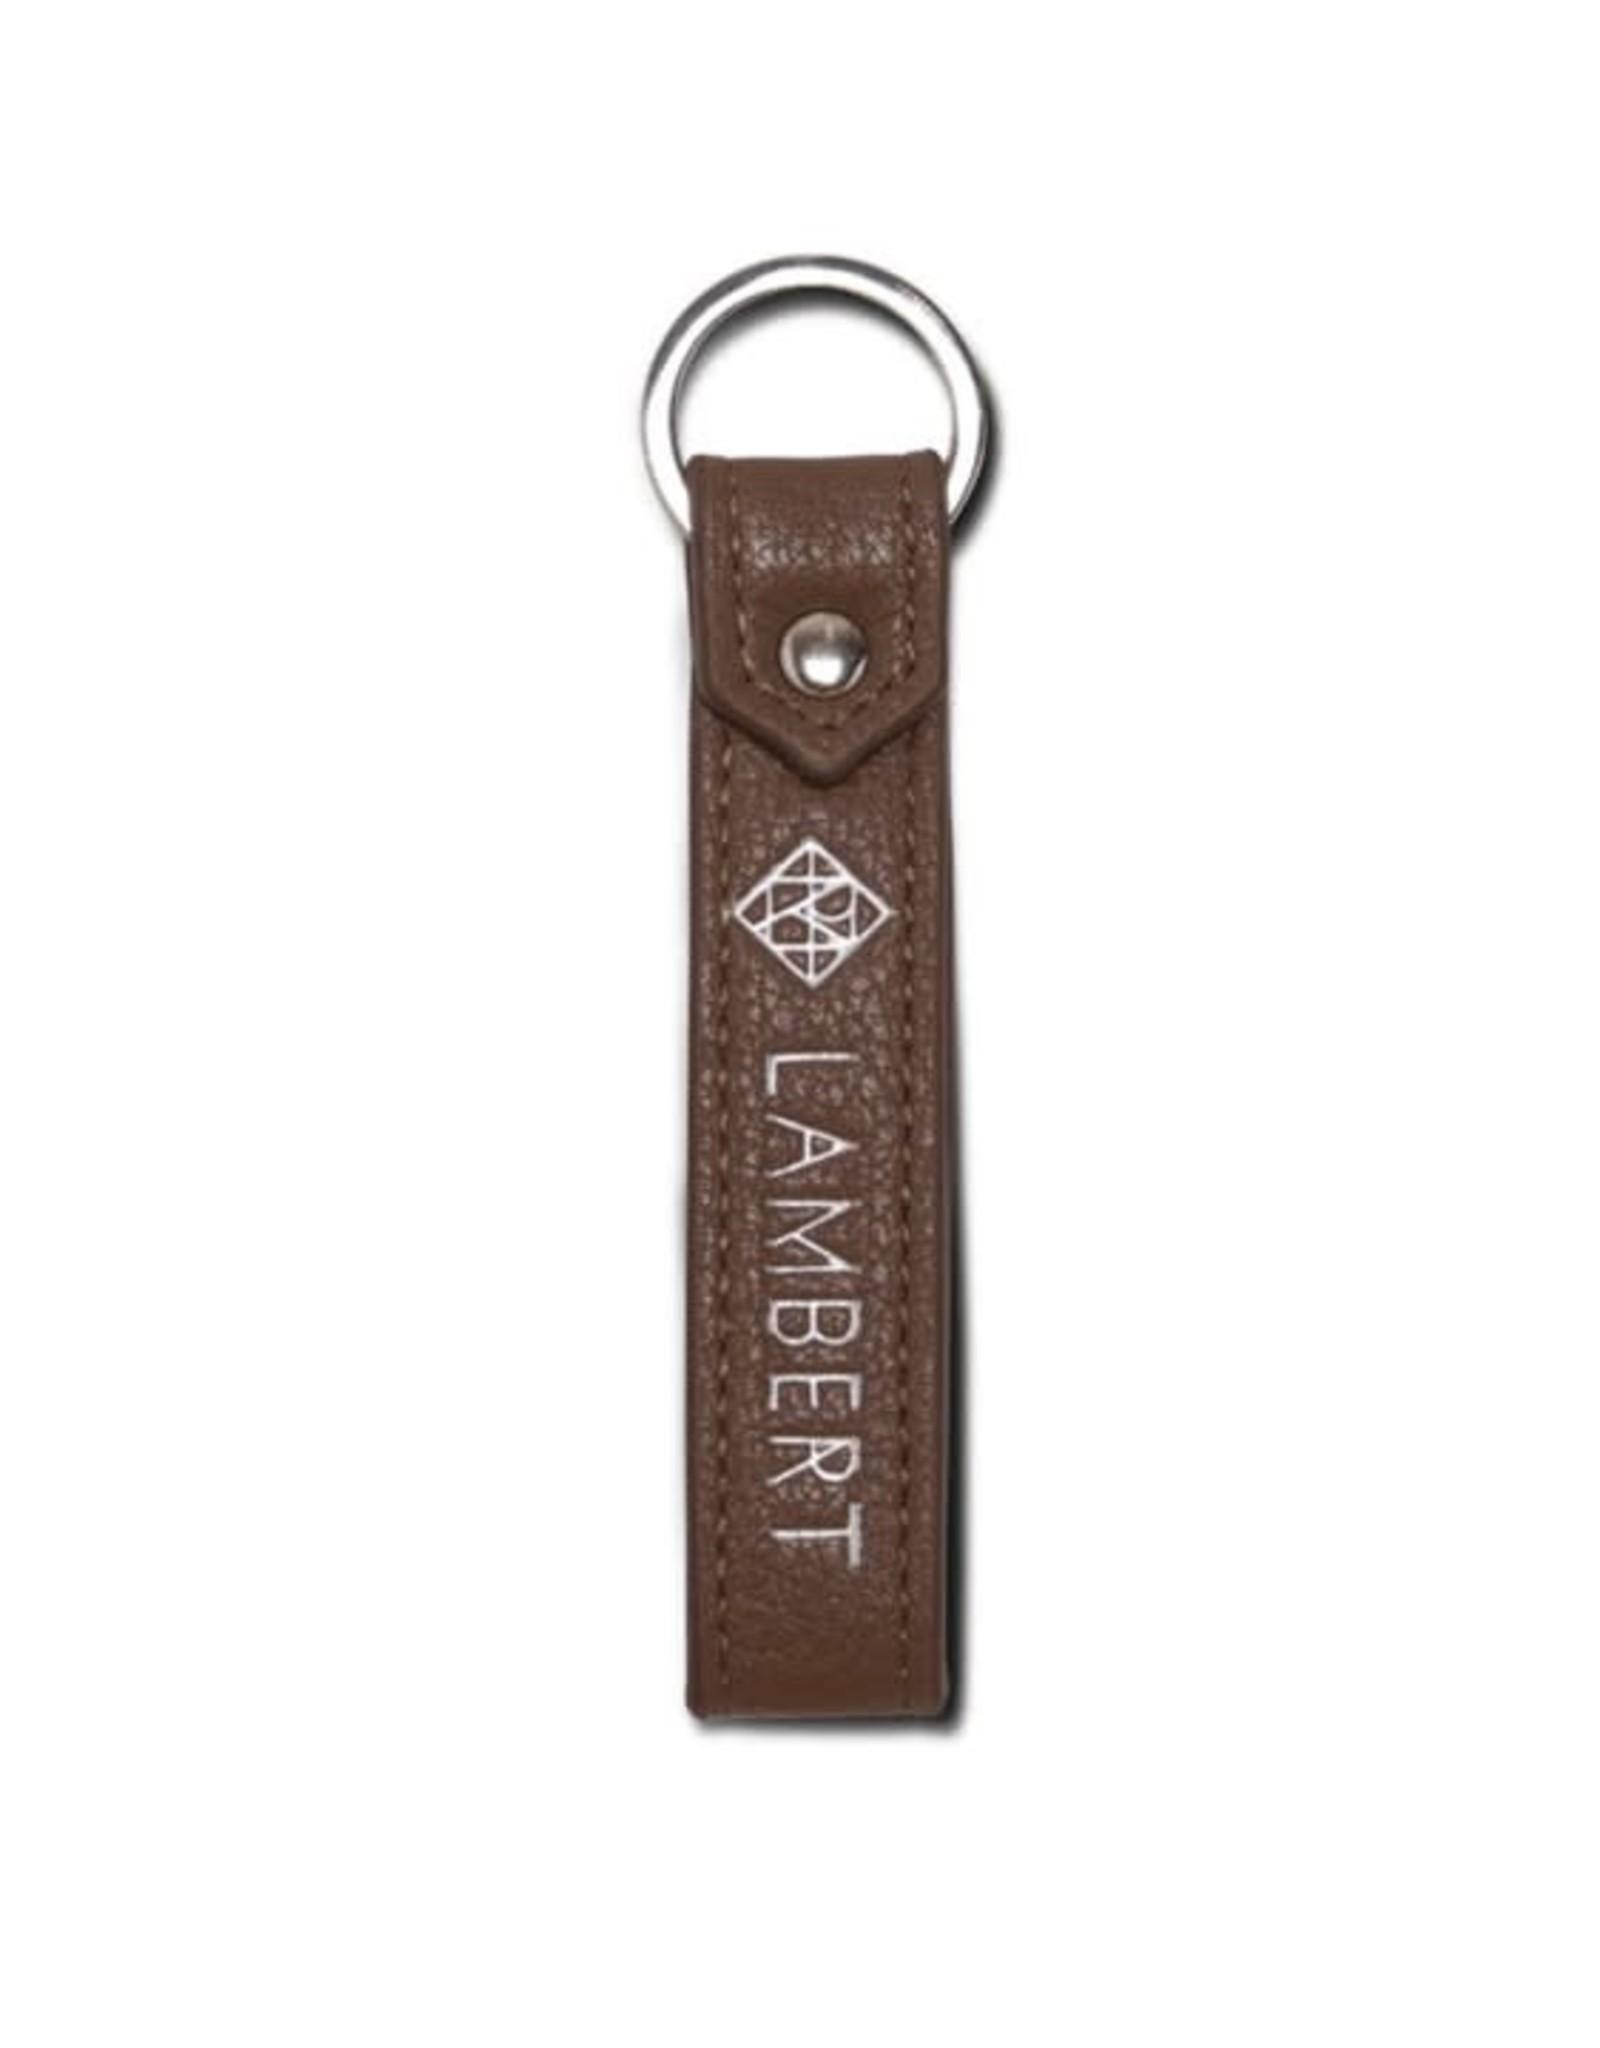 Lambert Porte-clés Chloé - Wood